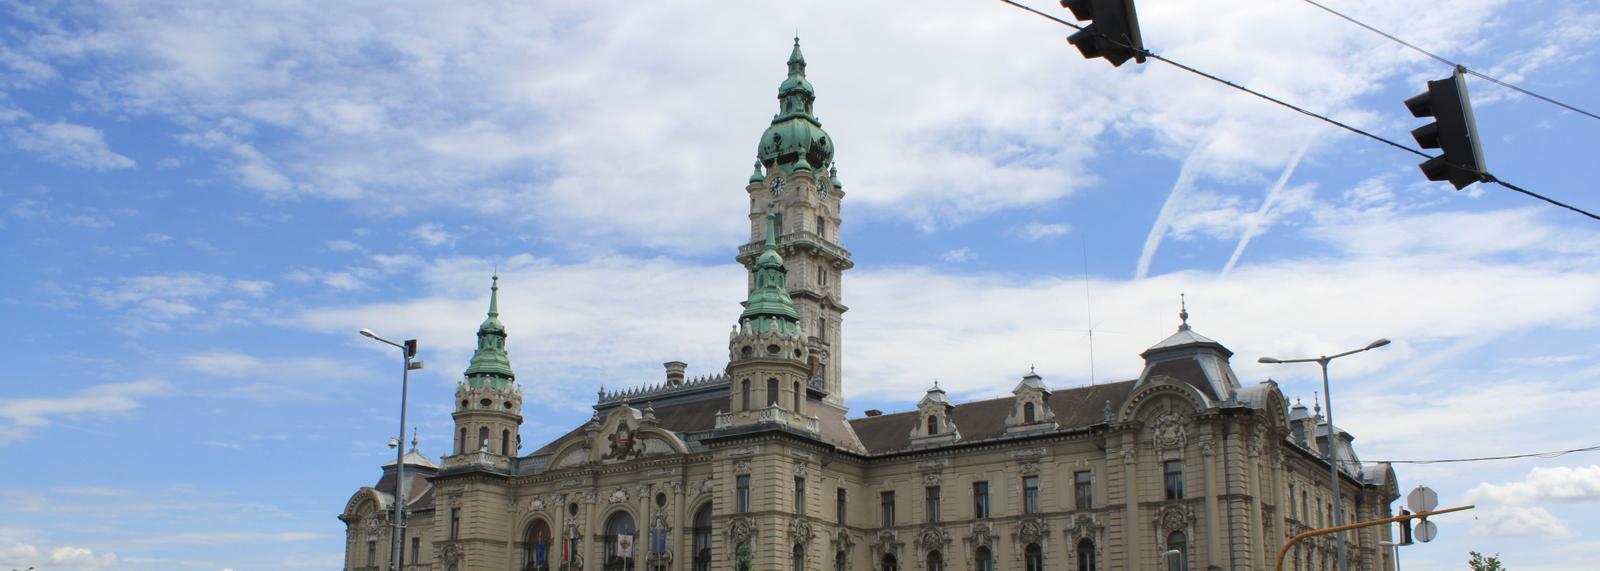 City Hall, Gyor